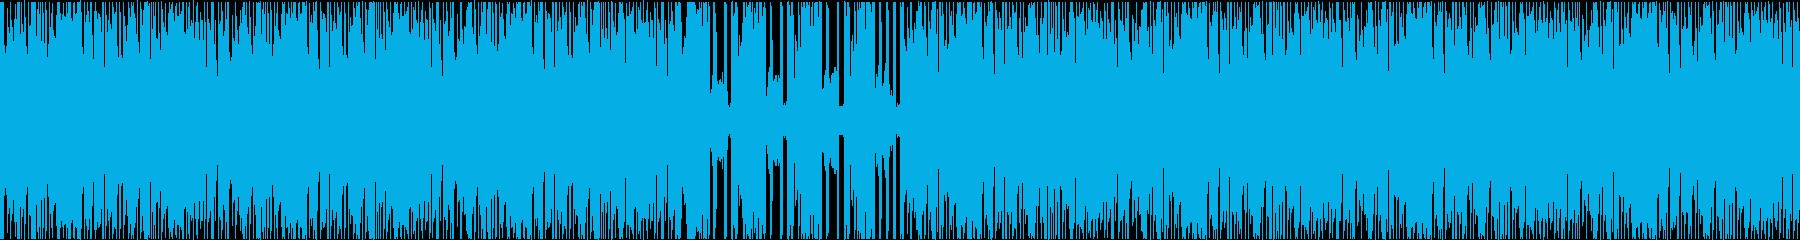 民族楽器ビートの新旧融合の再生済みの波形